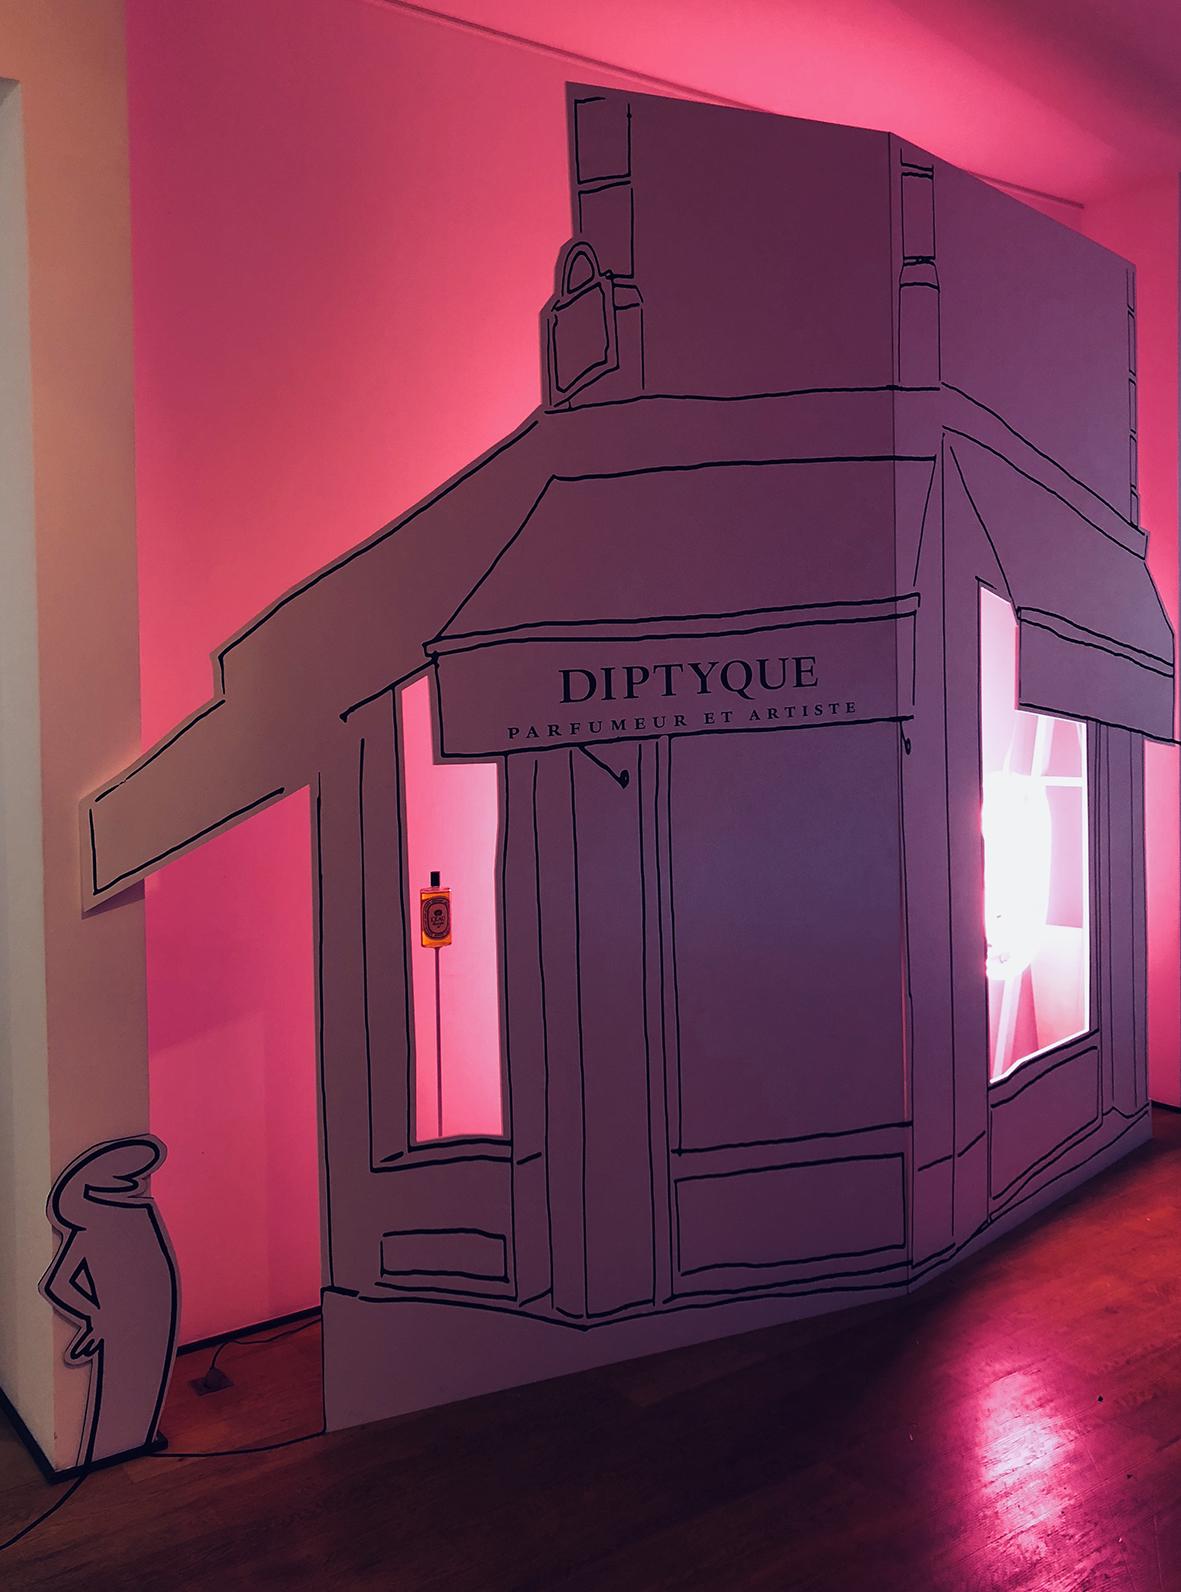 present-gallerie-diptyque-1.jpg